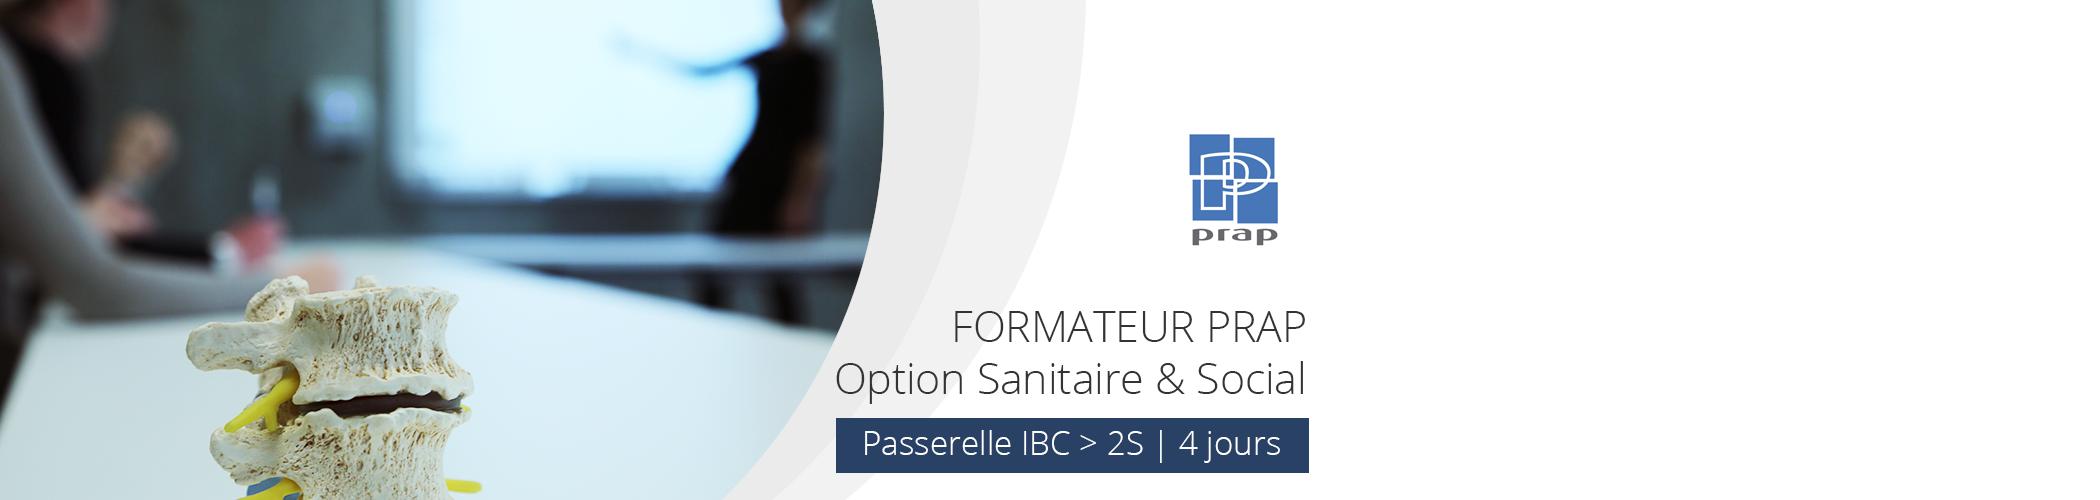 Inter-entreprises - Formation passerelle Formateur PRAP 2S du 18 au 21 juillet 2016 à Belz